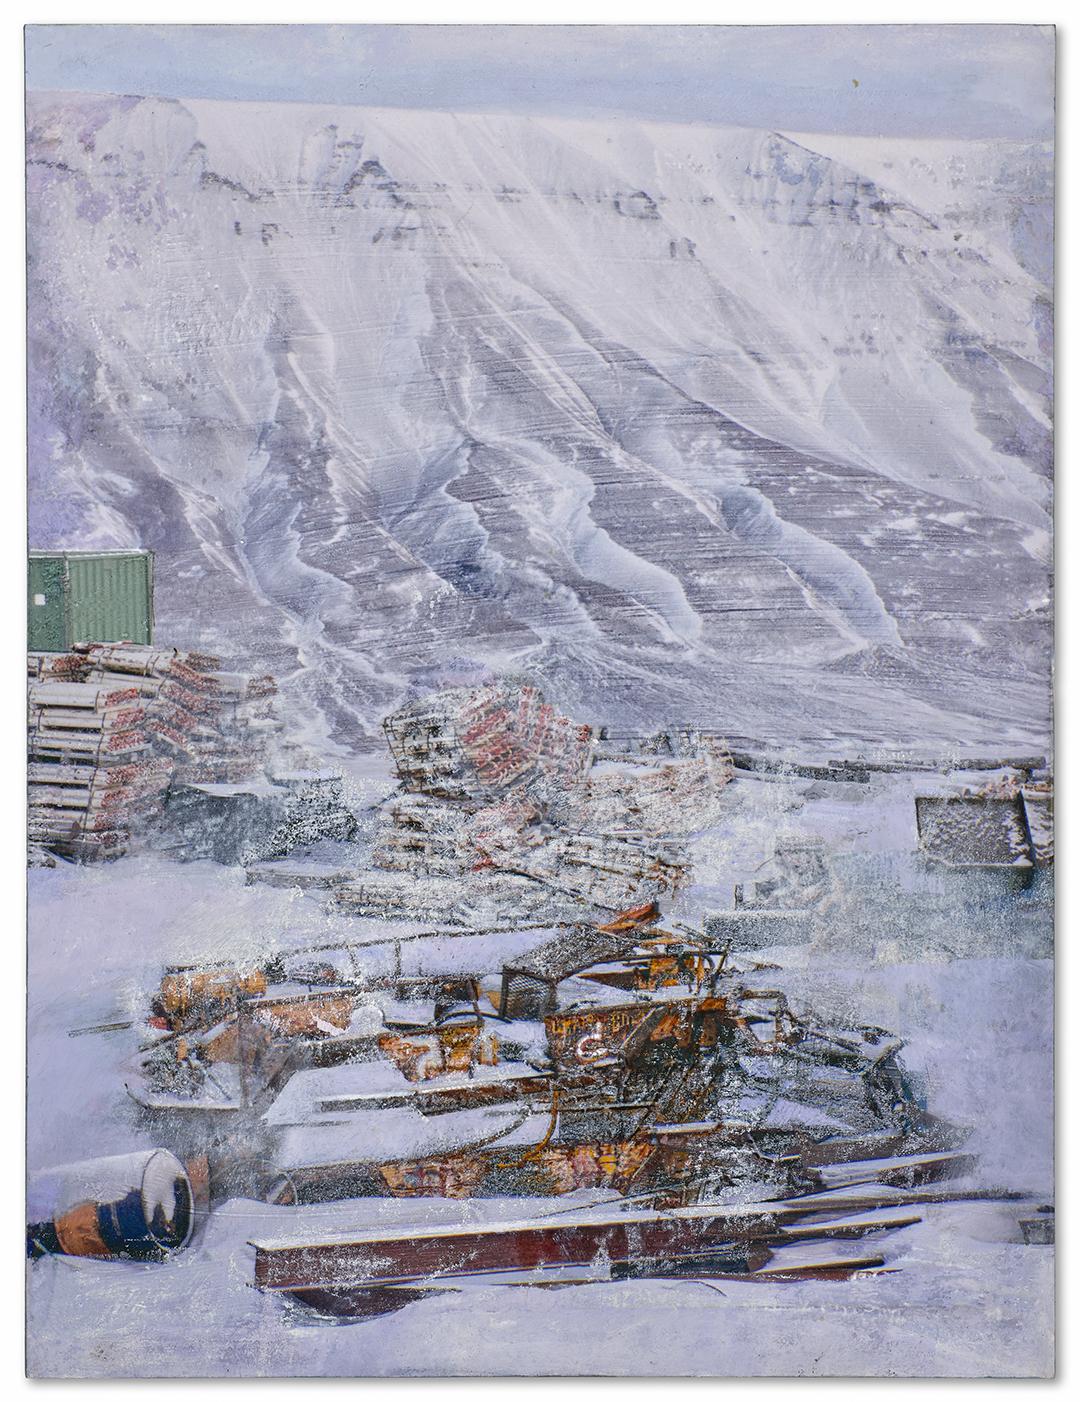 Store Norske, Mine #7,<br>Longyearbyen (snow)